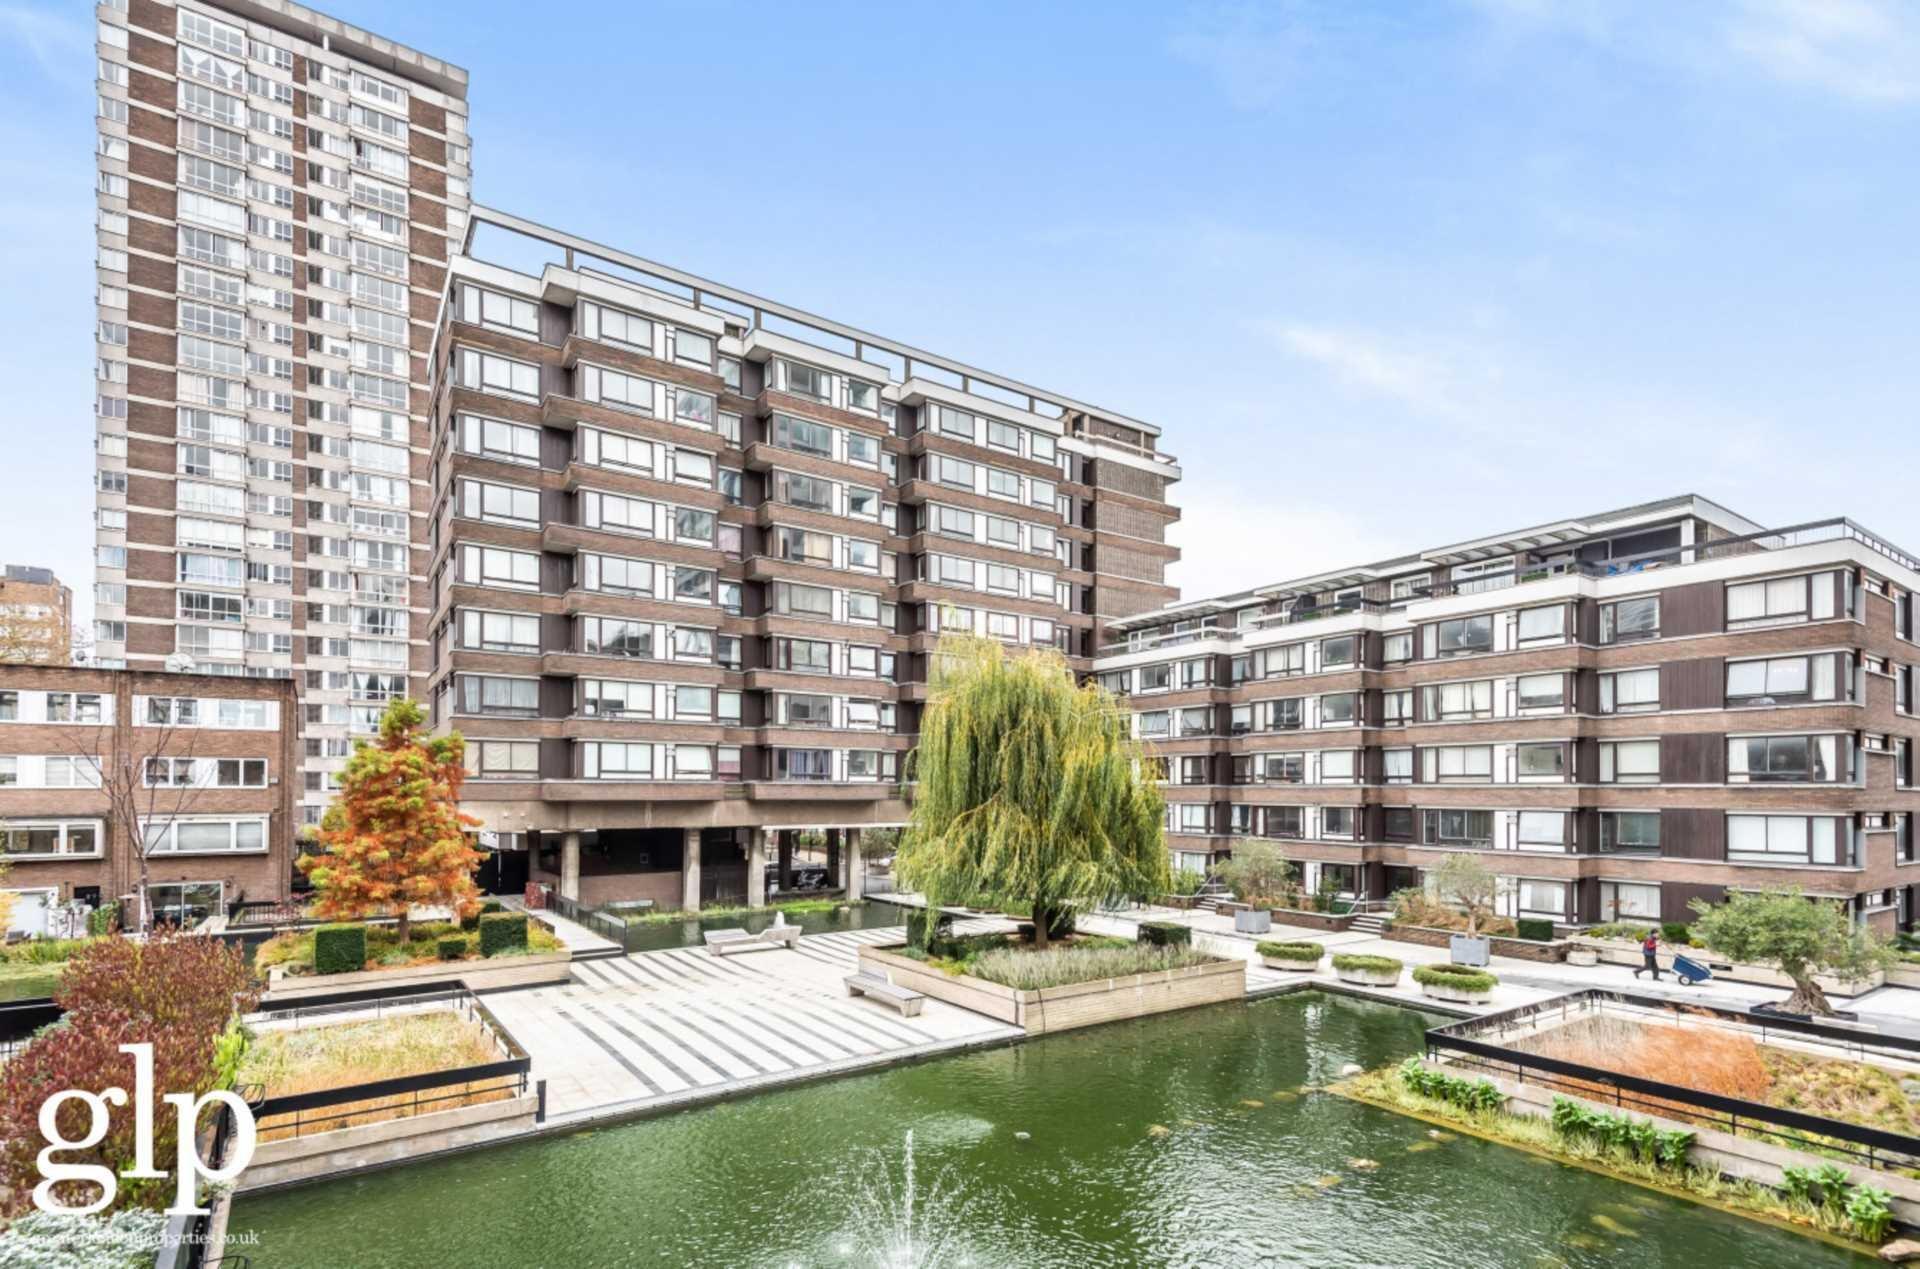 Appartamento a Londra, Inghilterra, Regno Unito 1 - 11426697